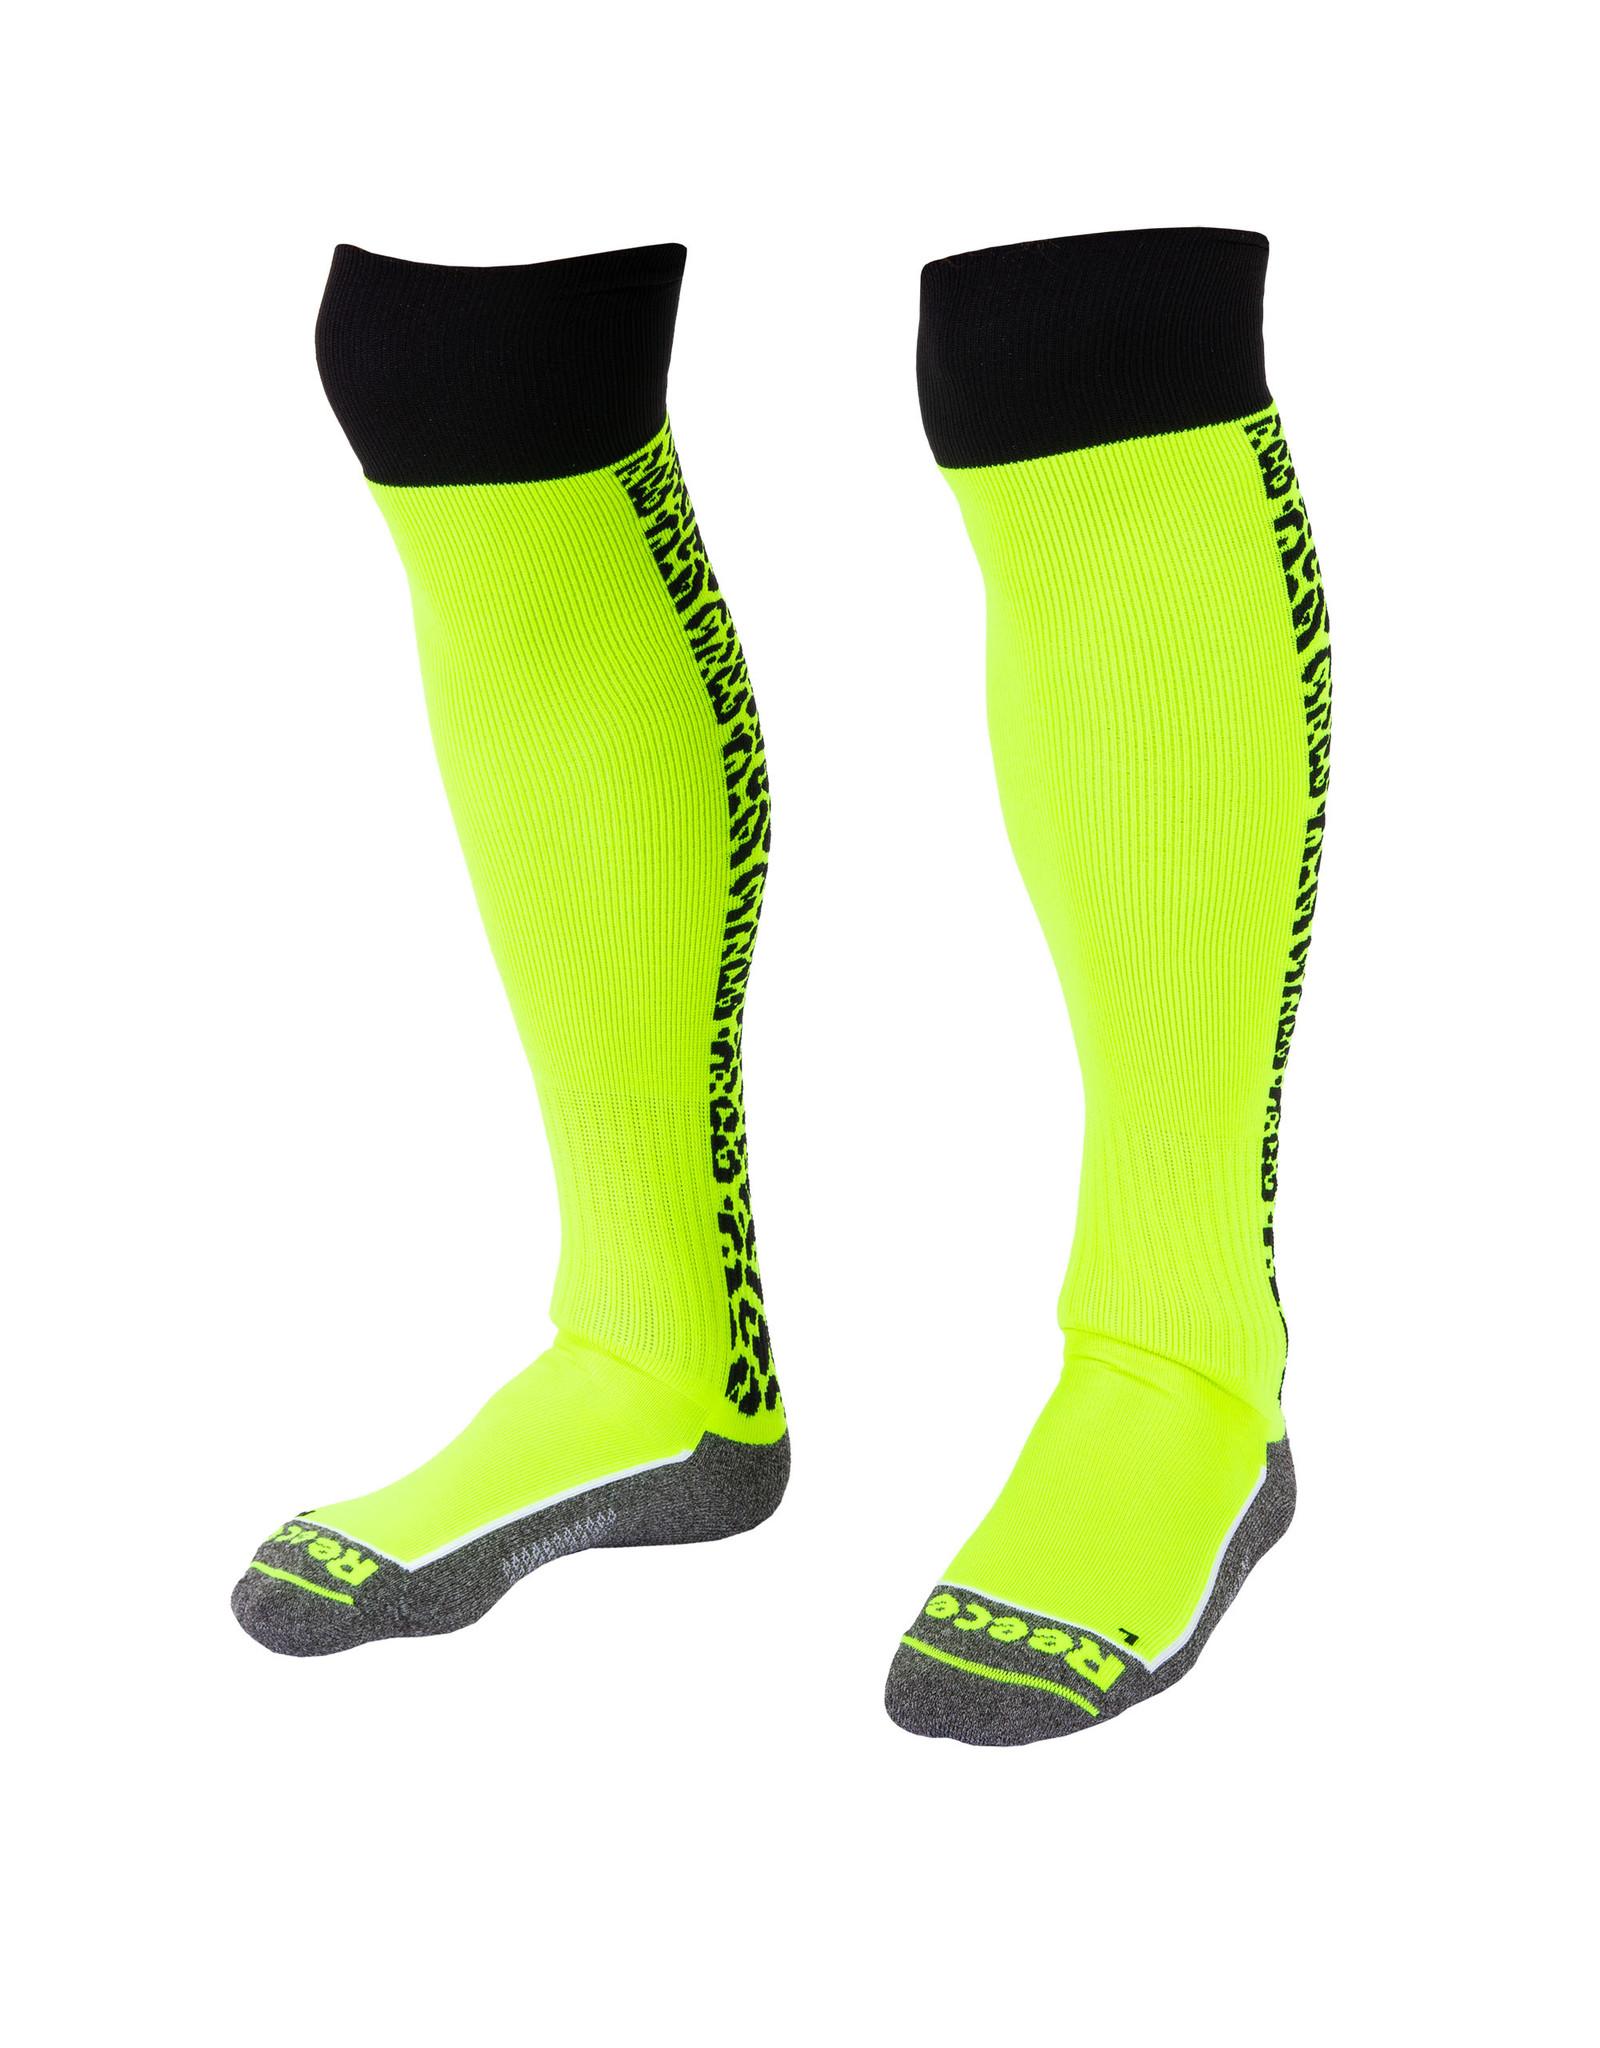 Reece Amaroo Socks